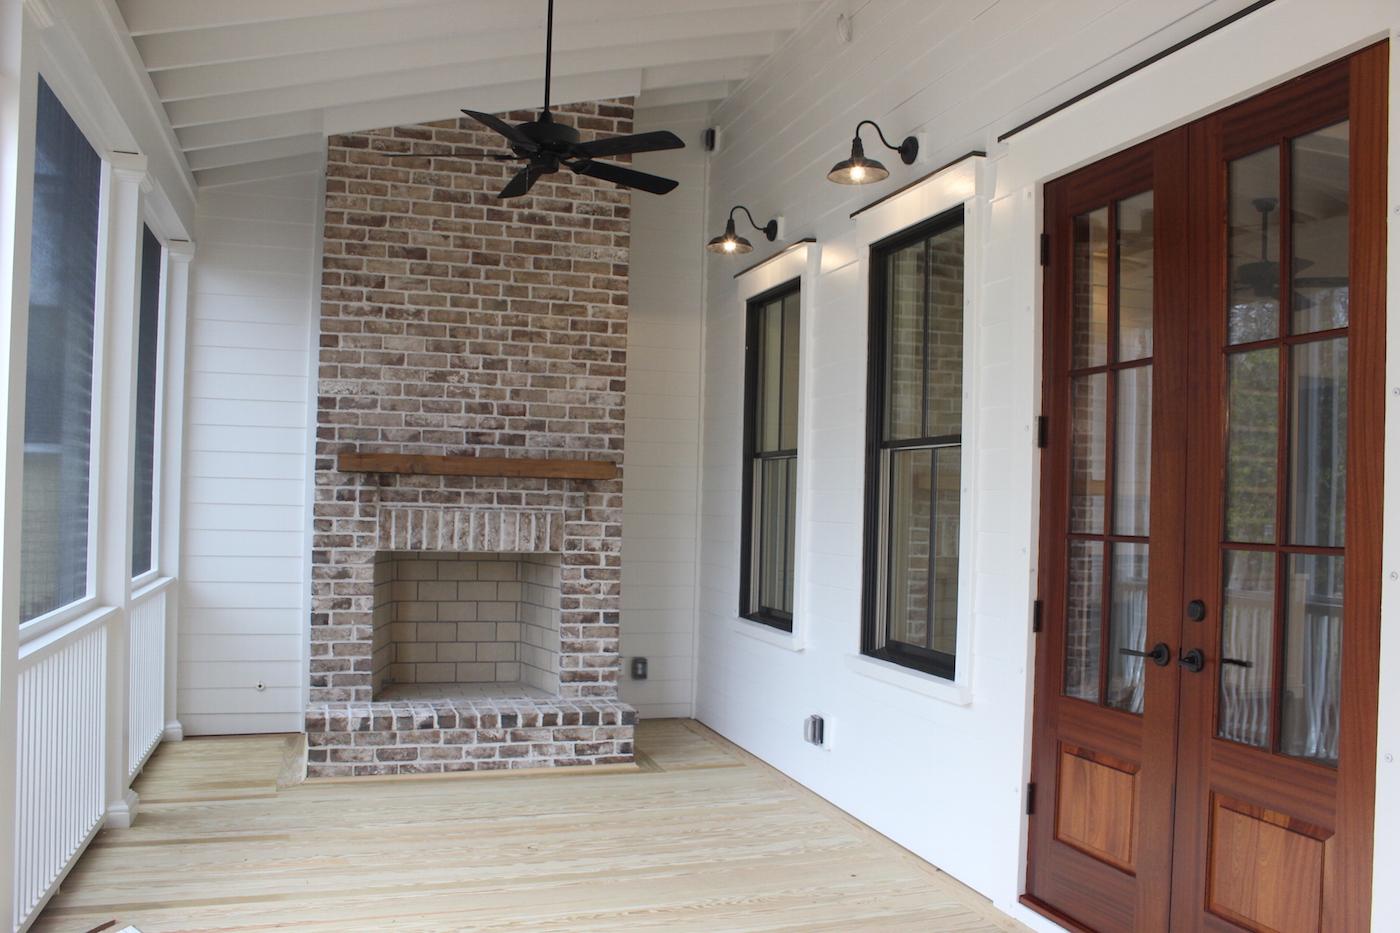 100 Cp Morgan Homes Floor Plans